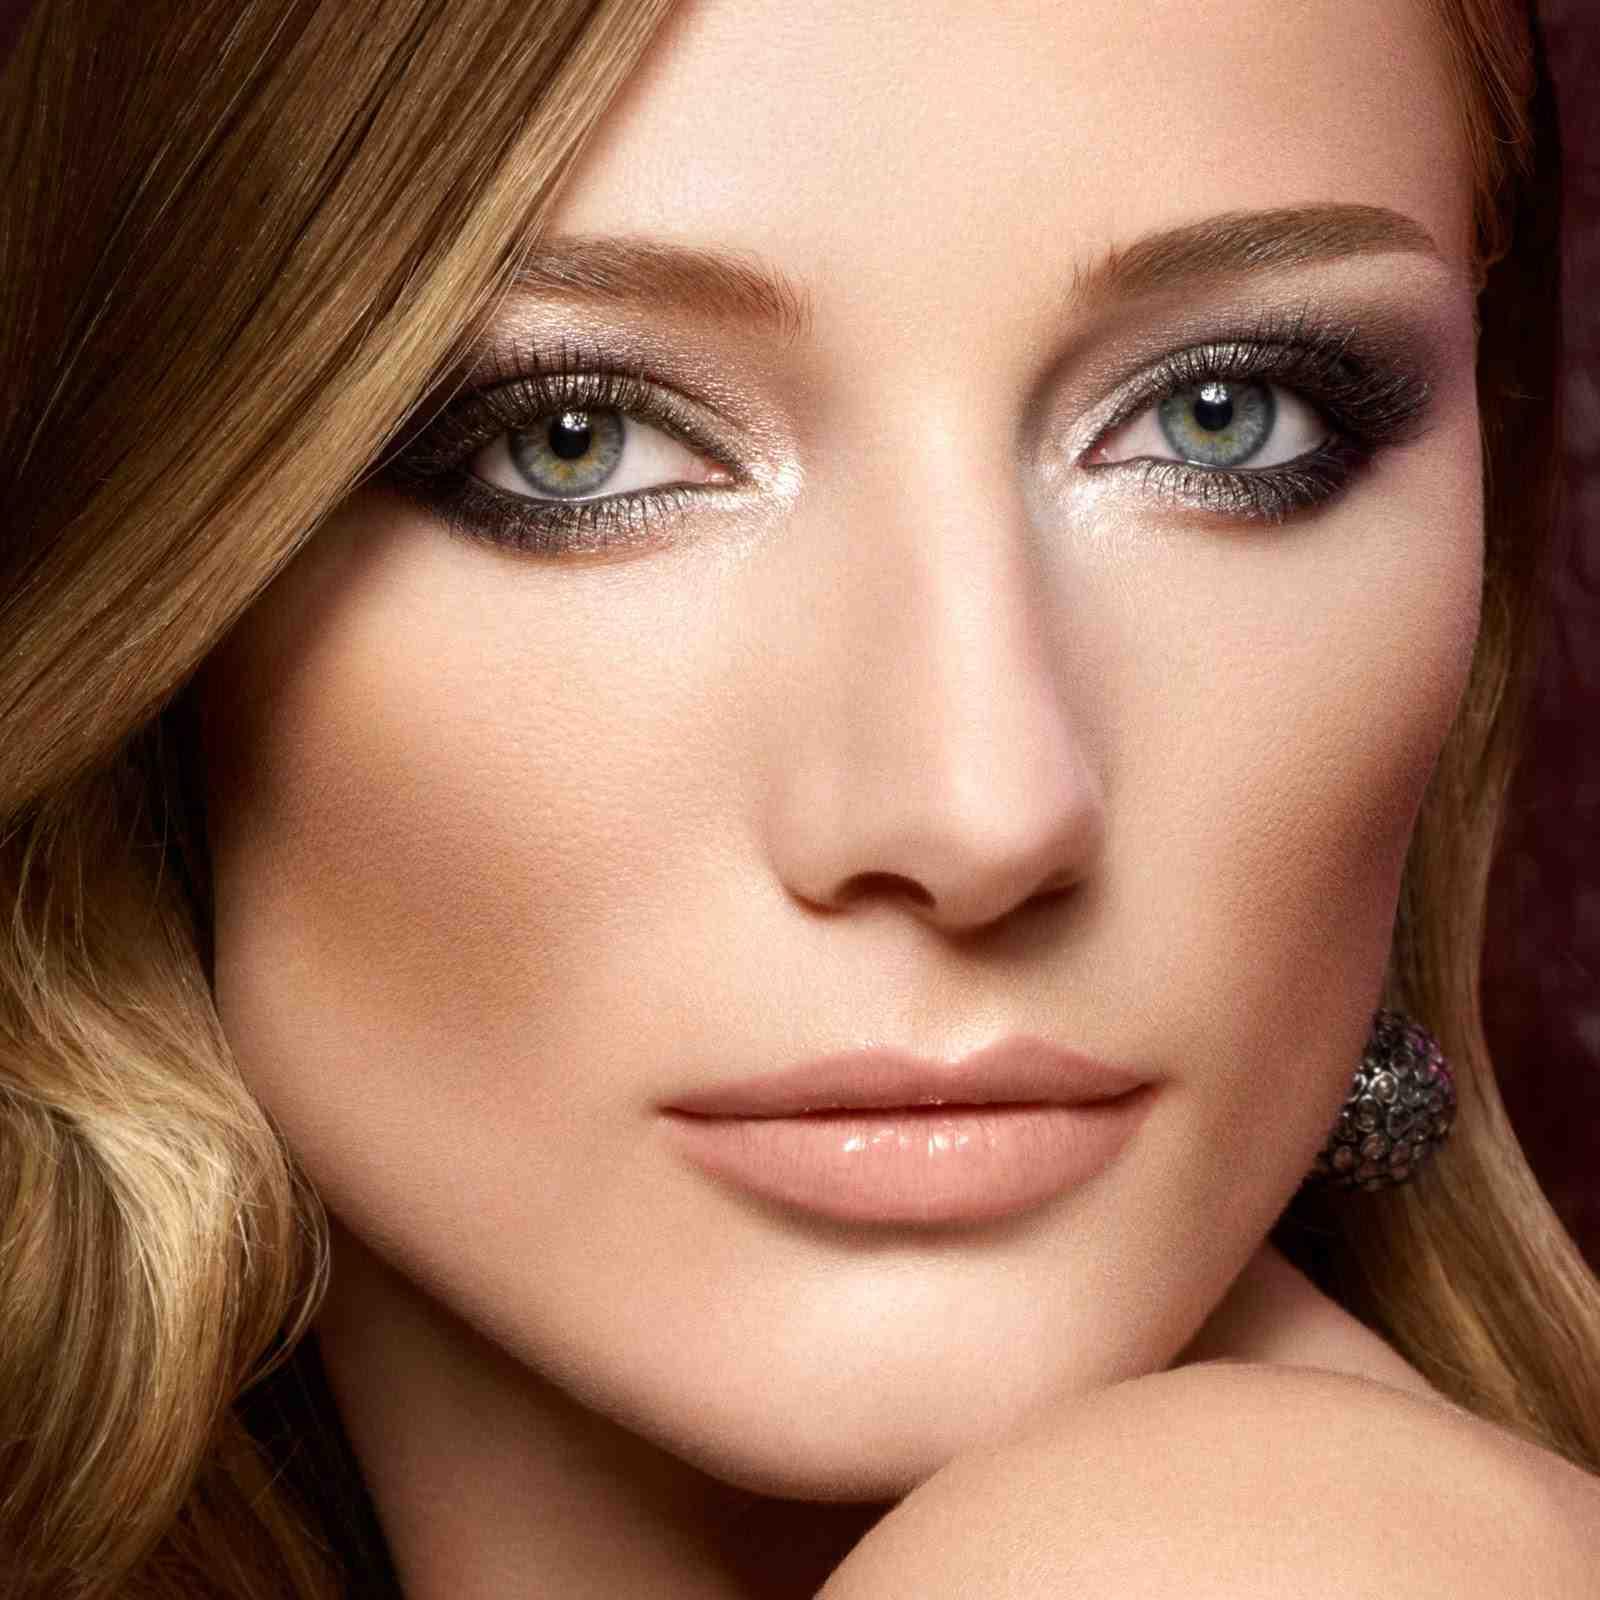 Макияж для русых волос и серо-зеленых глаз и